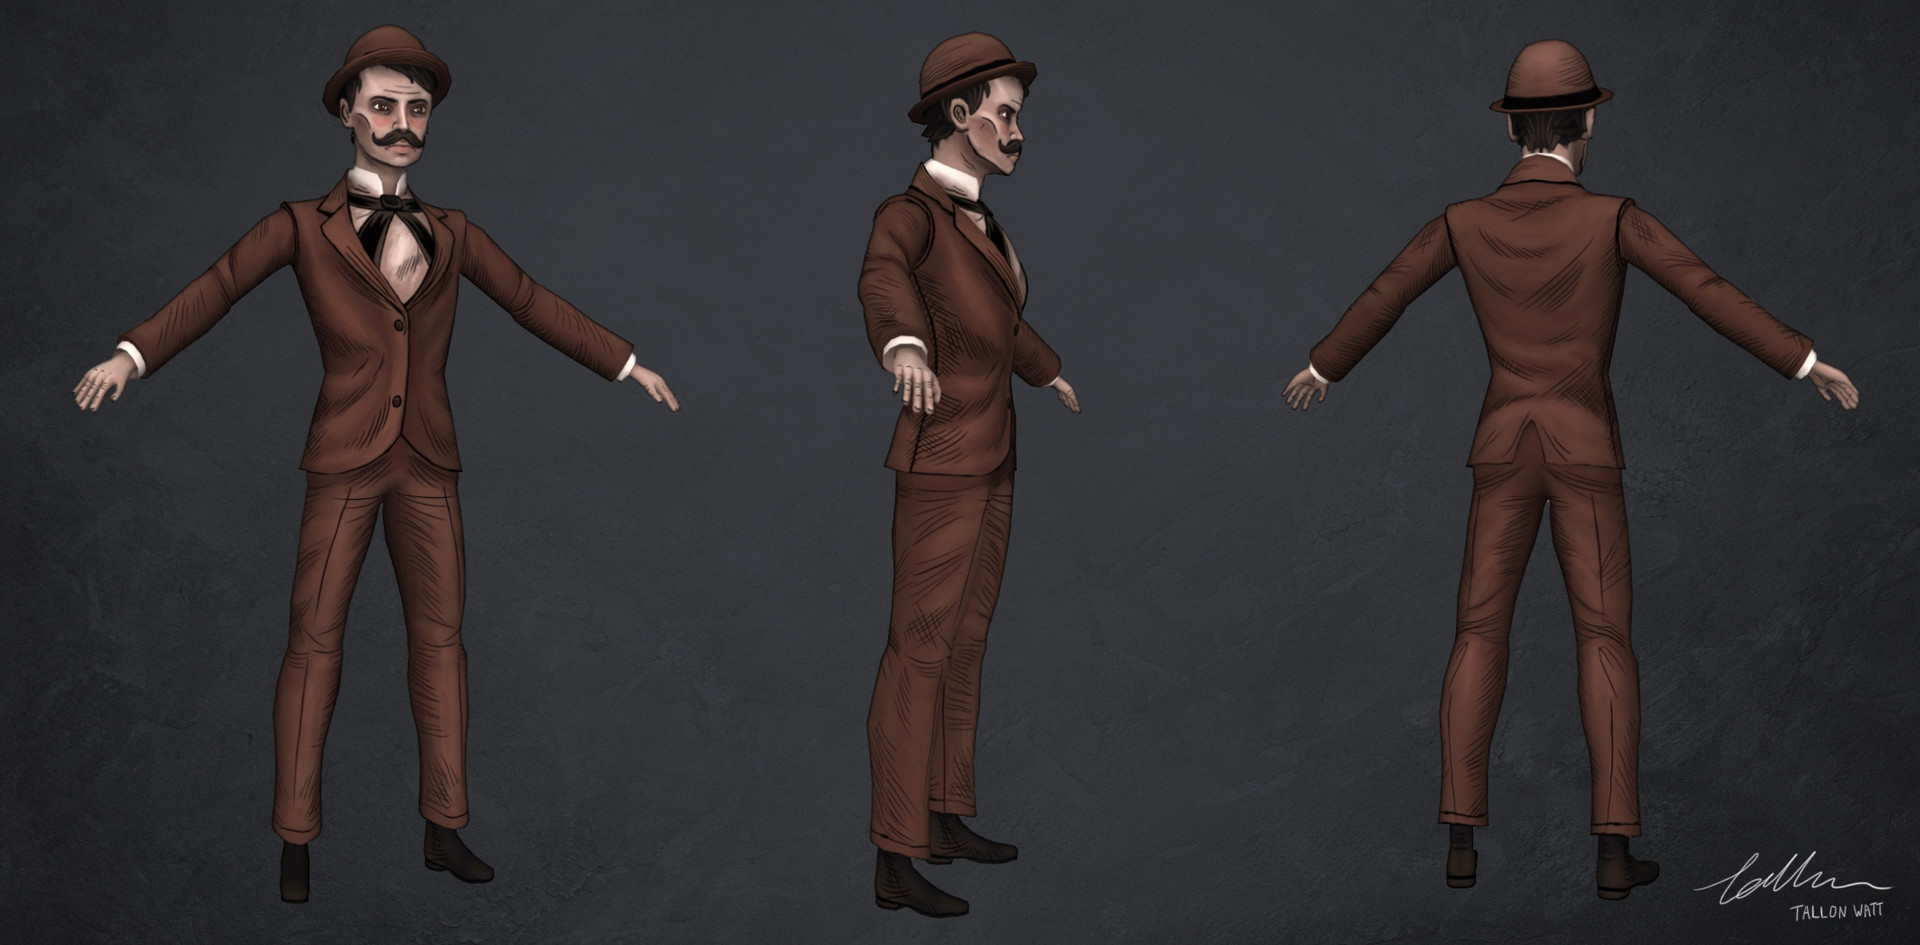 Tallon watt suitman